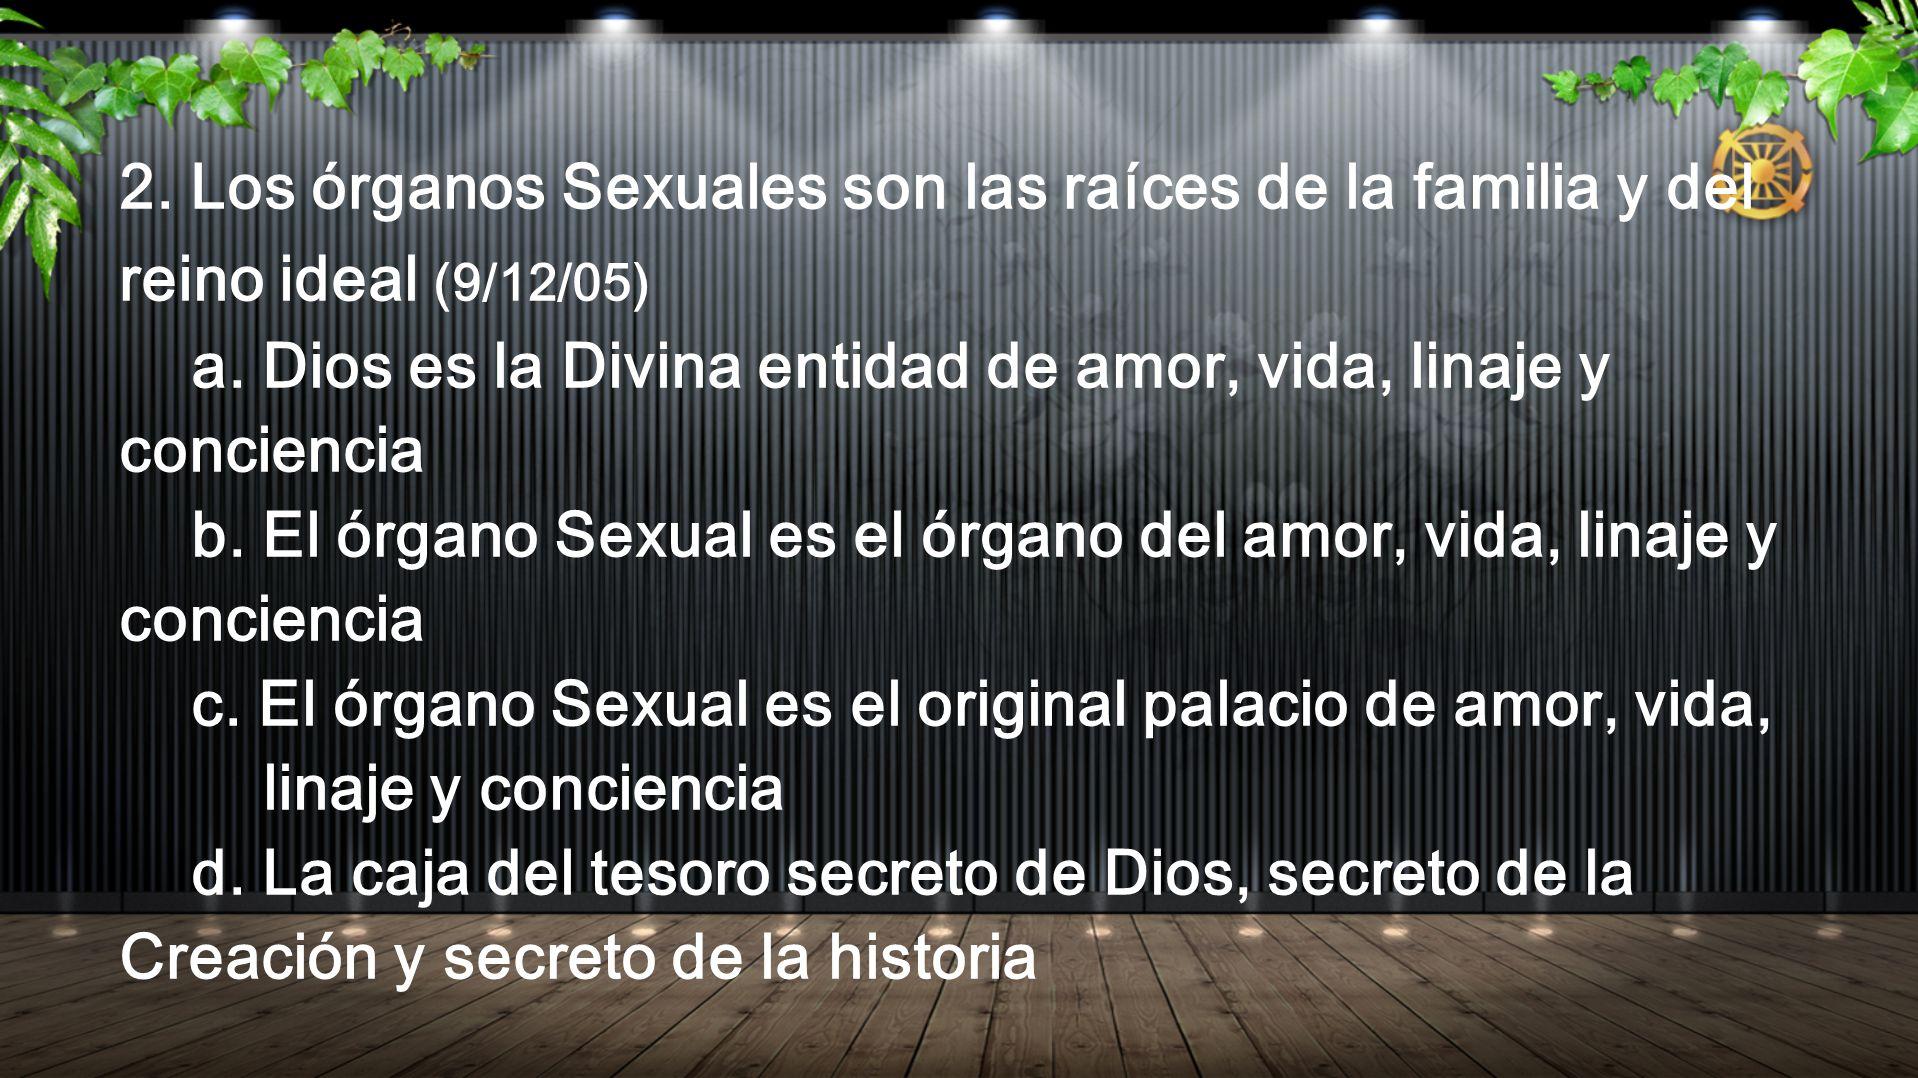 H.Significado de Sexo Absoluto (8/1/96) 1.Amar después de la Ceremonia de Bendición Matrimonial 2.